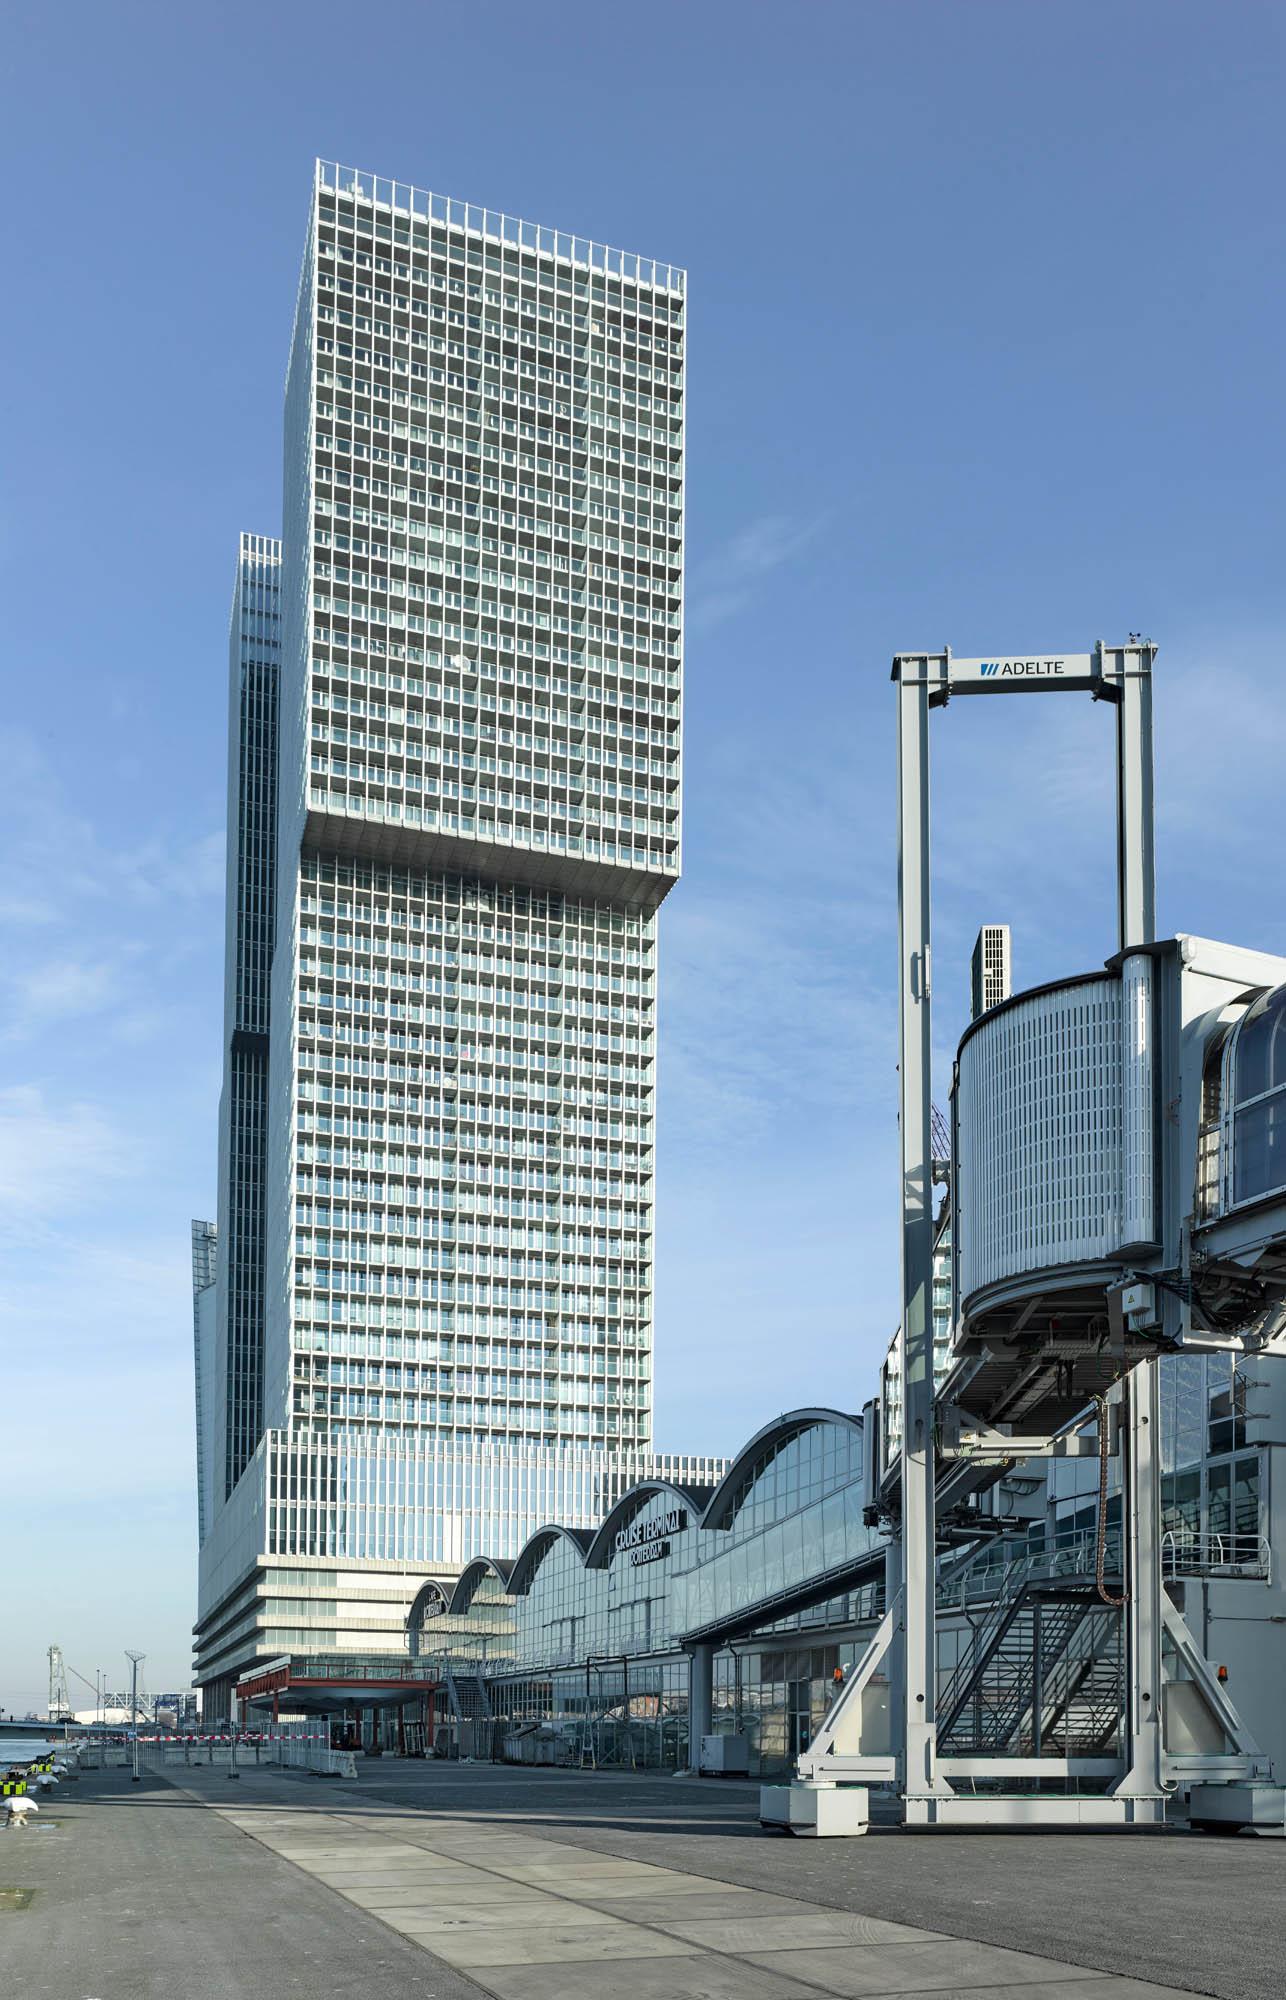 Opp 004799 - Rotterdam: Spielwiese verrückter Architektur von Weltruf